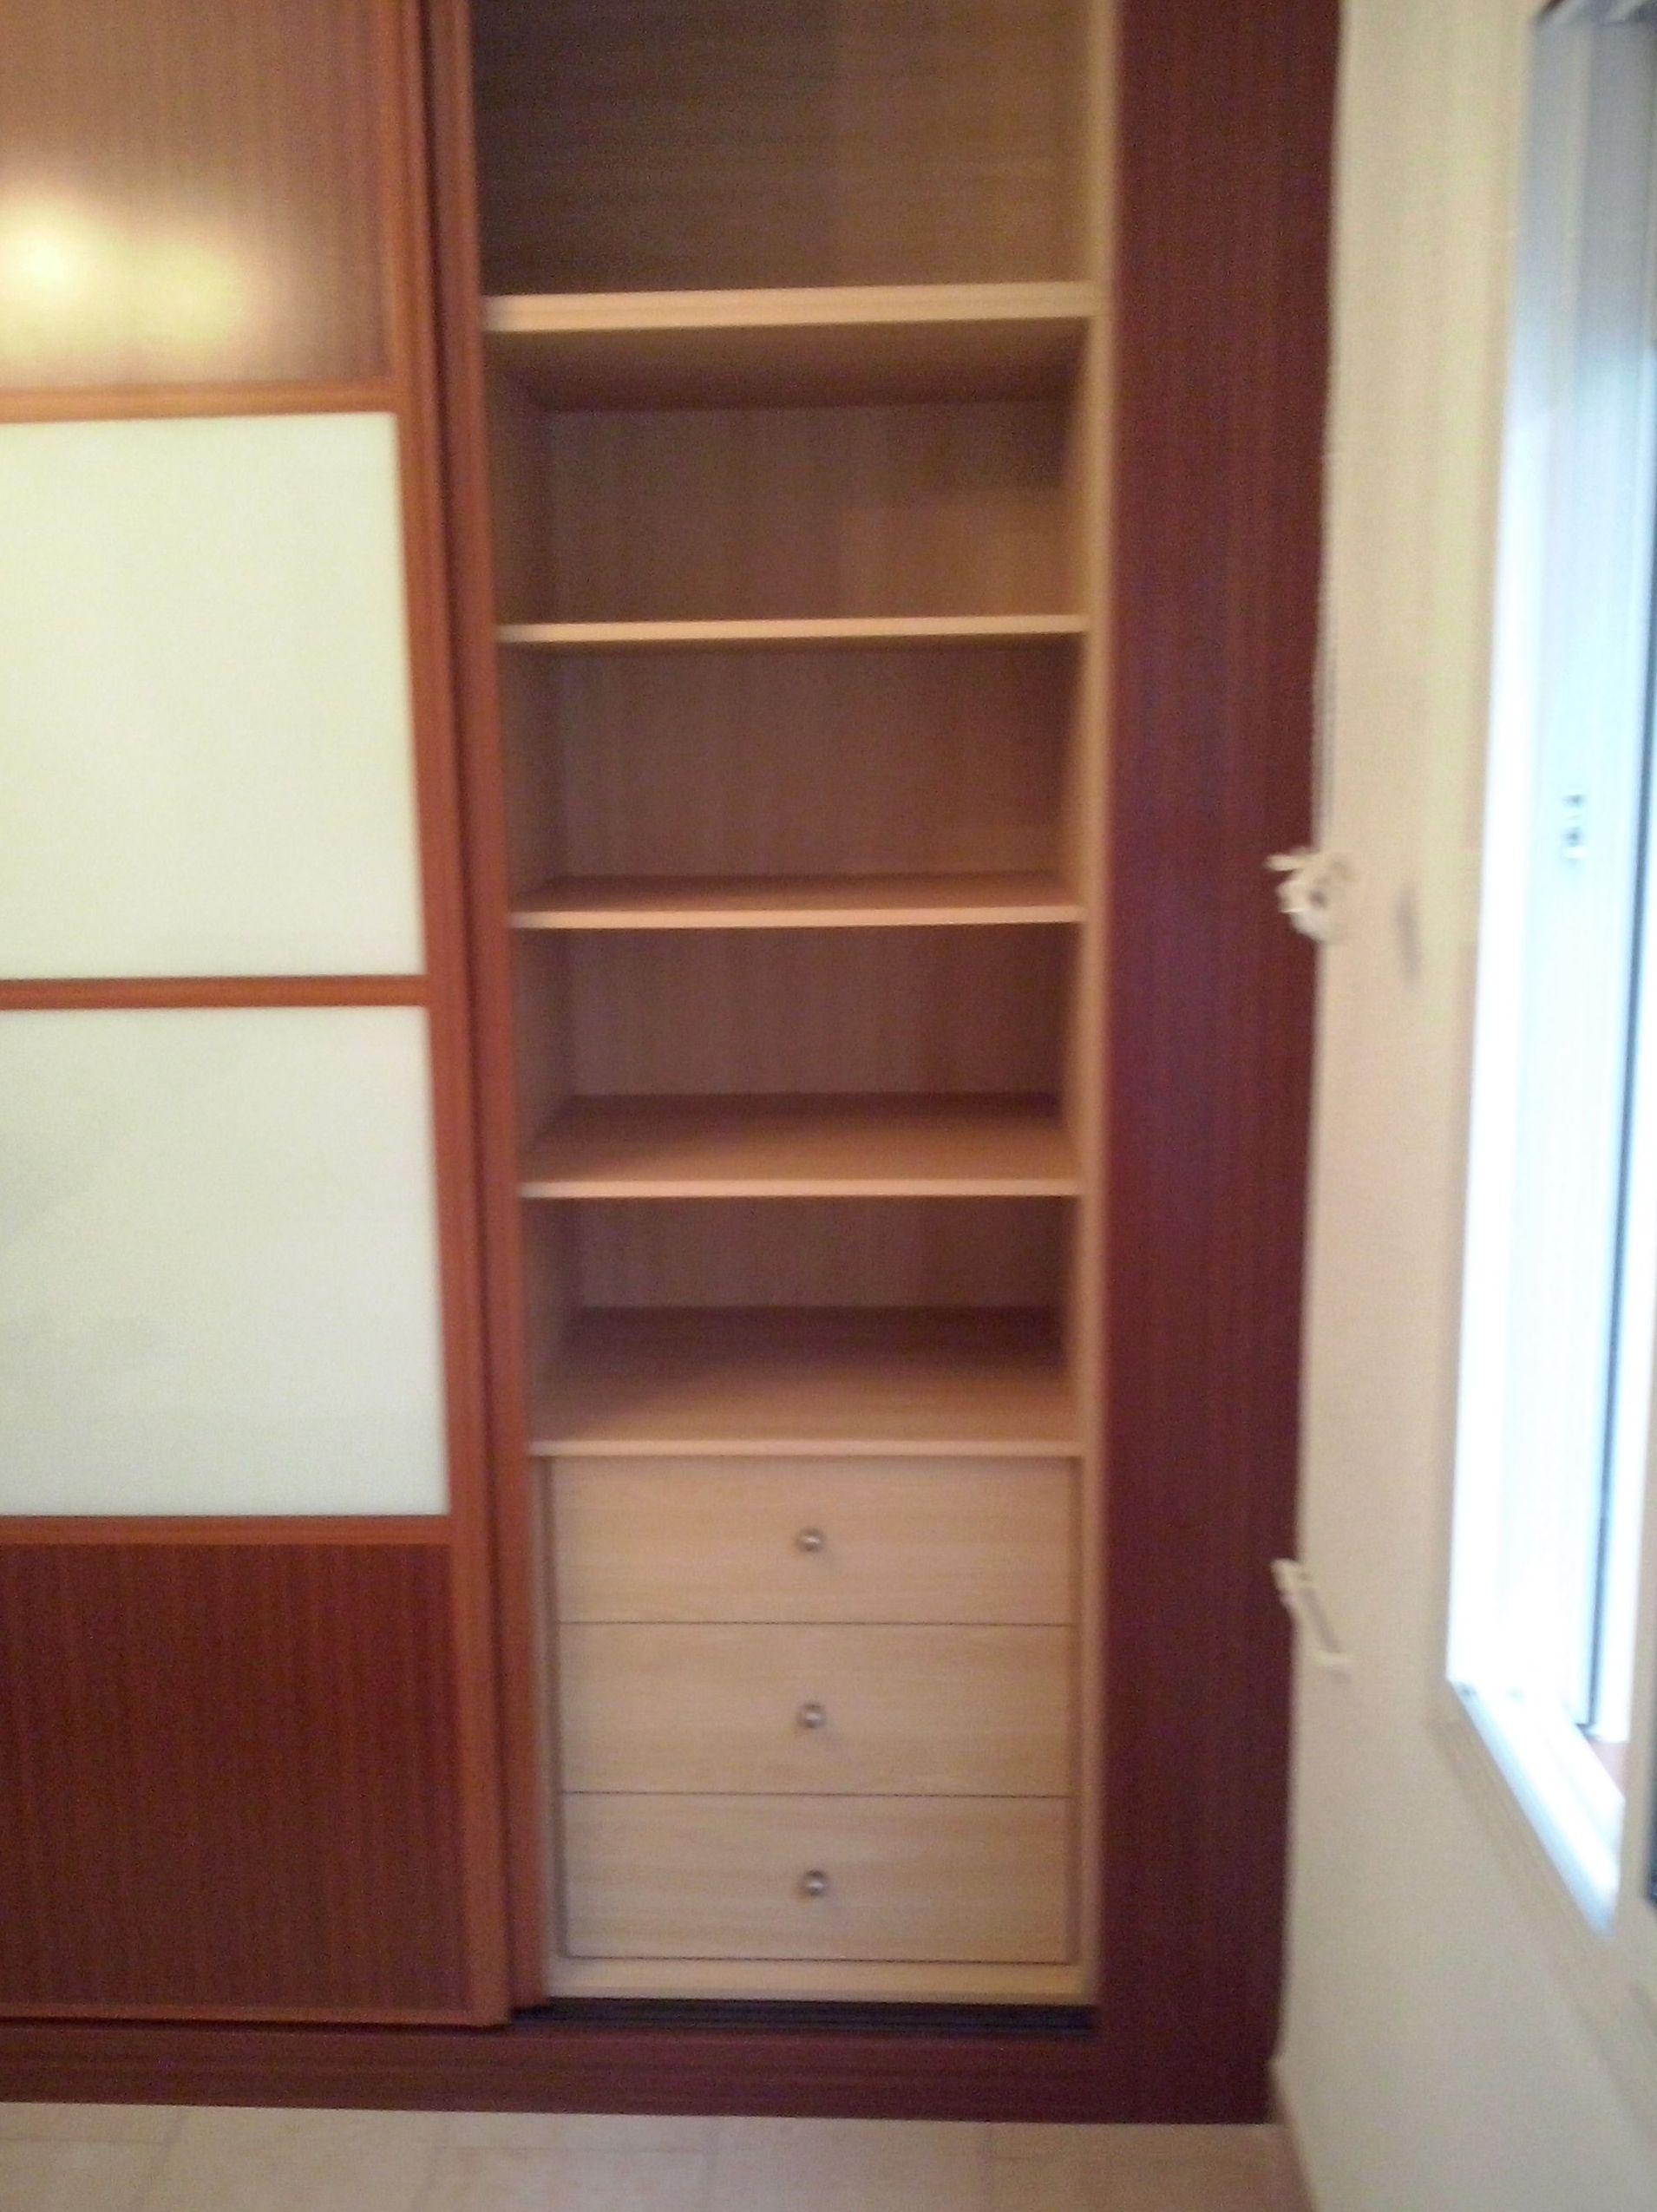 Interiores de armario personalizados